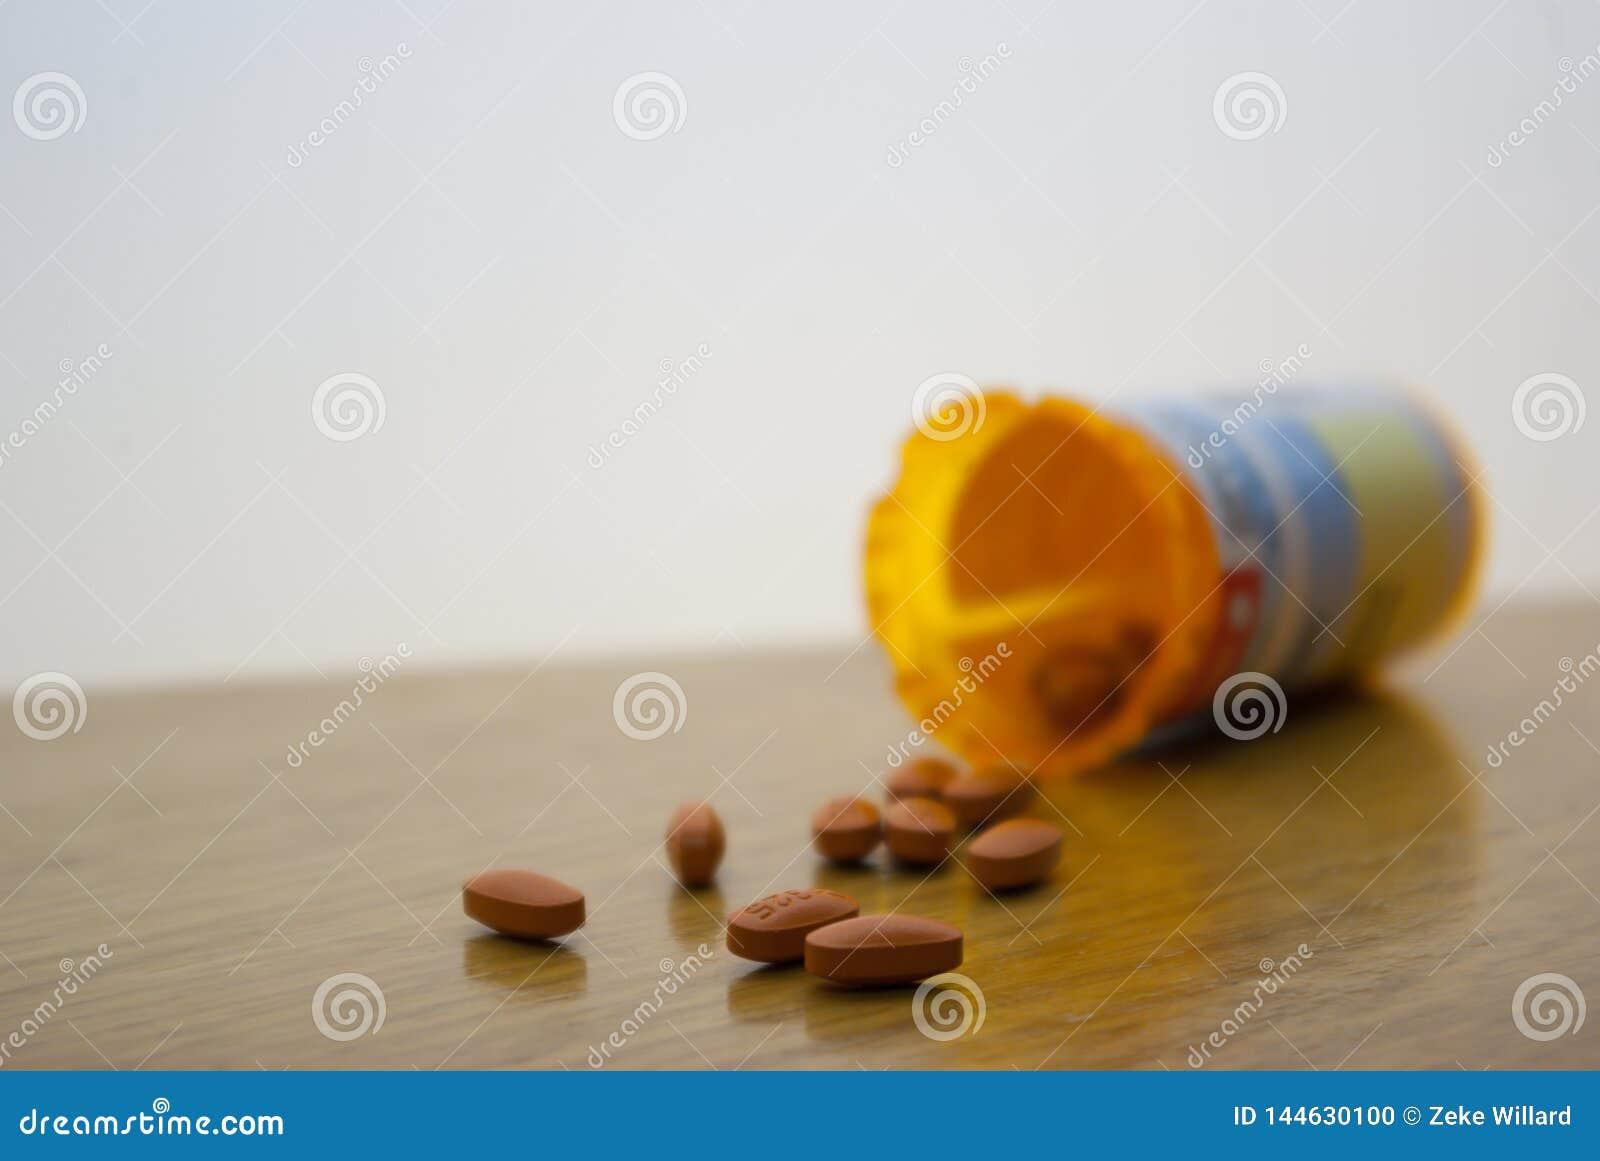 Spillda orange piller på vit yttersida